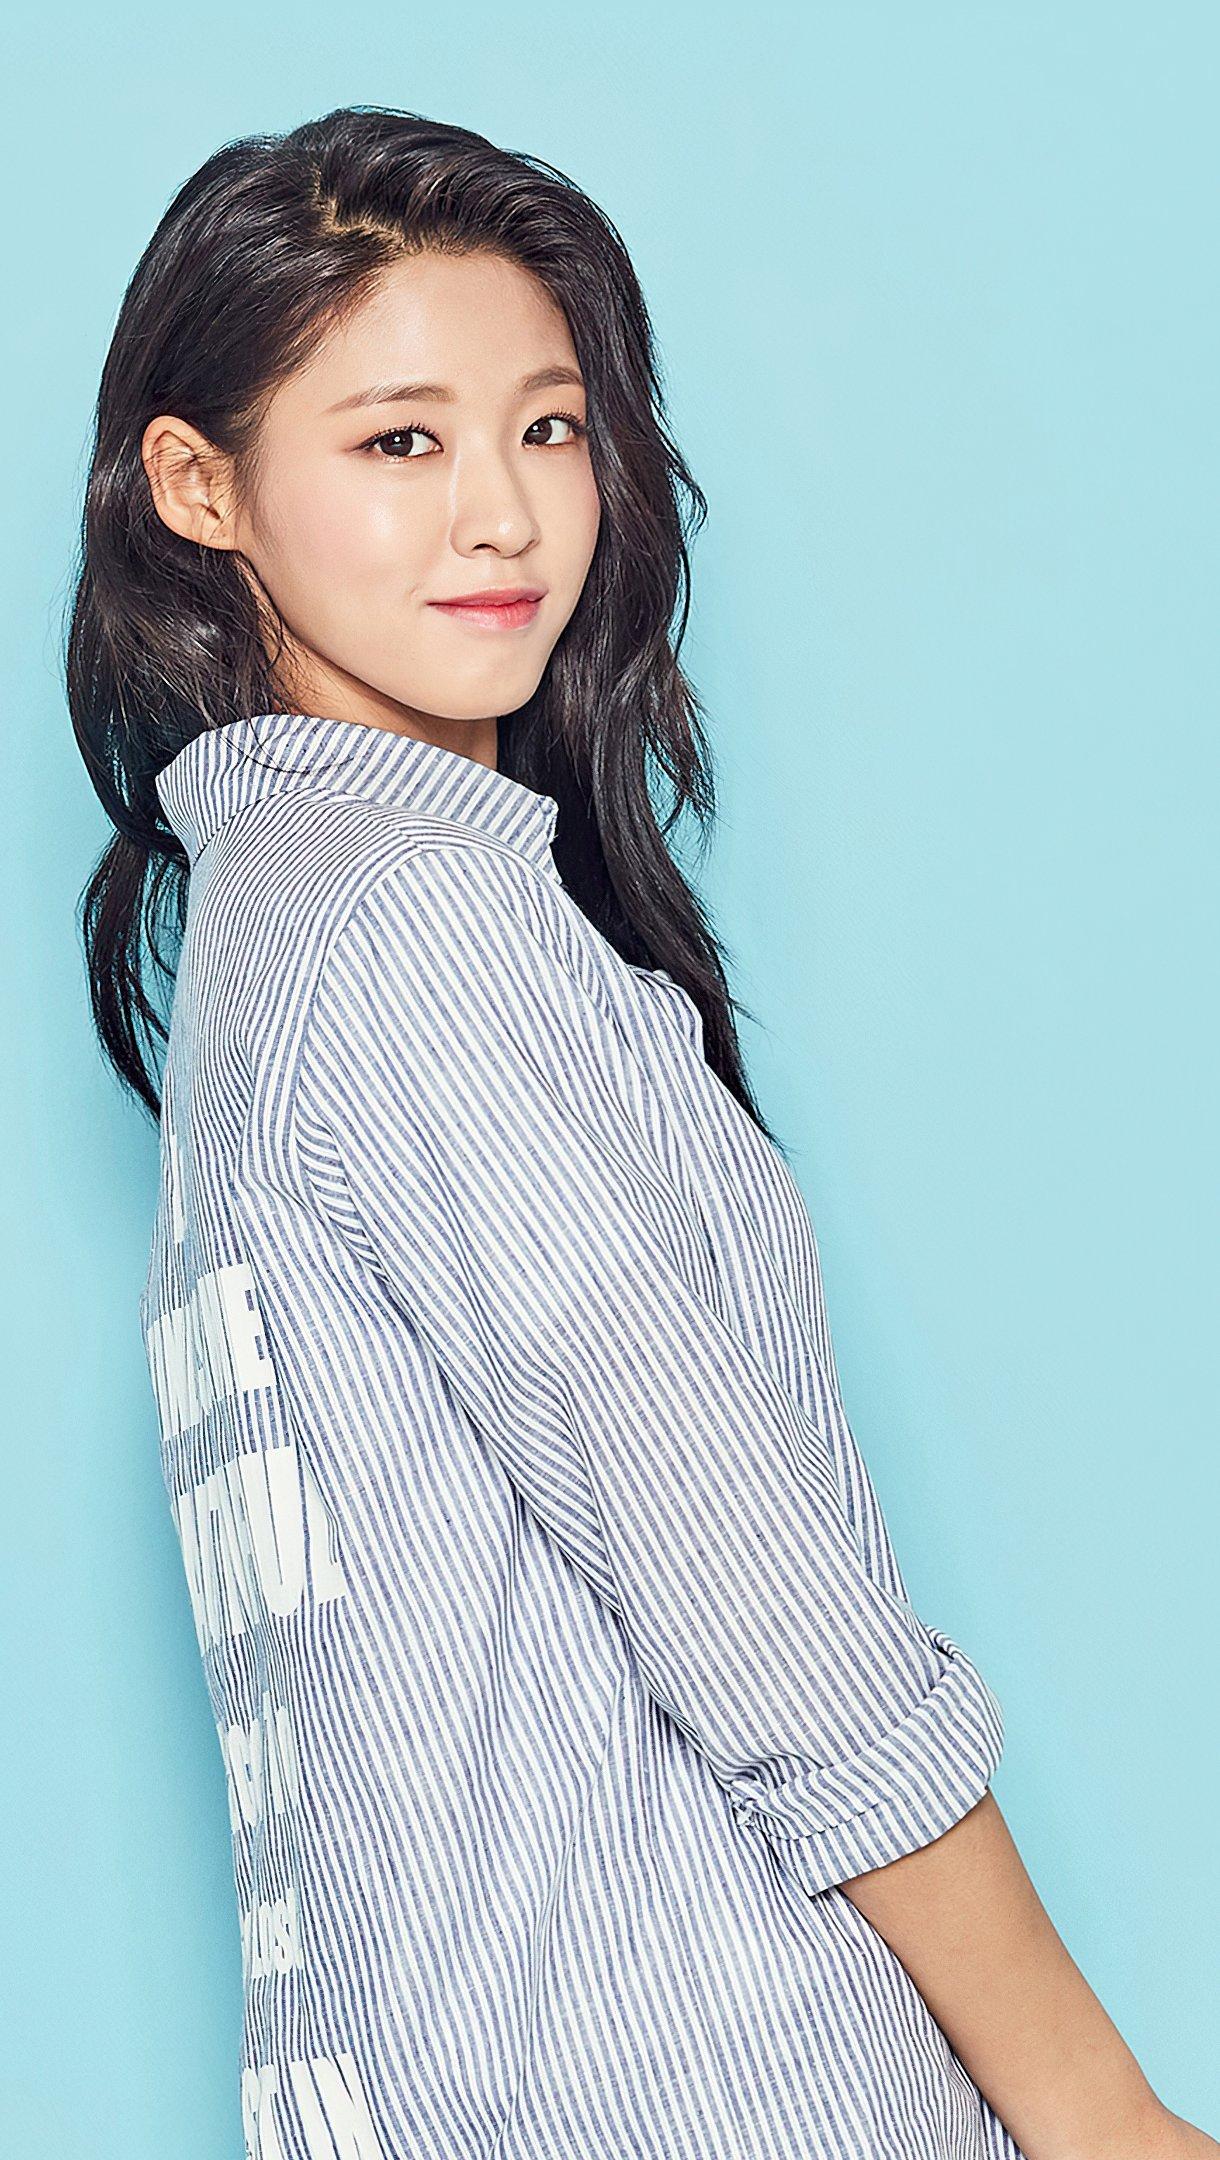 Fondos de pantalla Kim Seolhyun Vertical